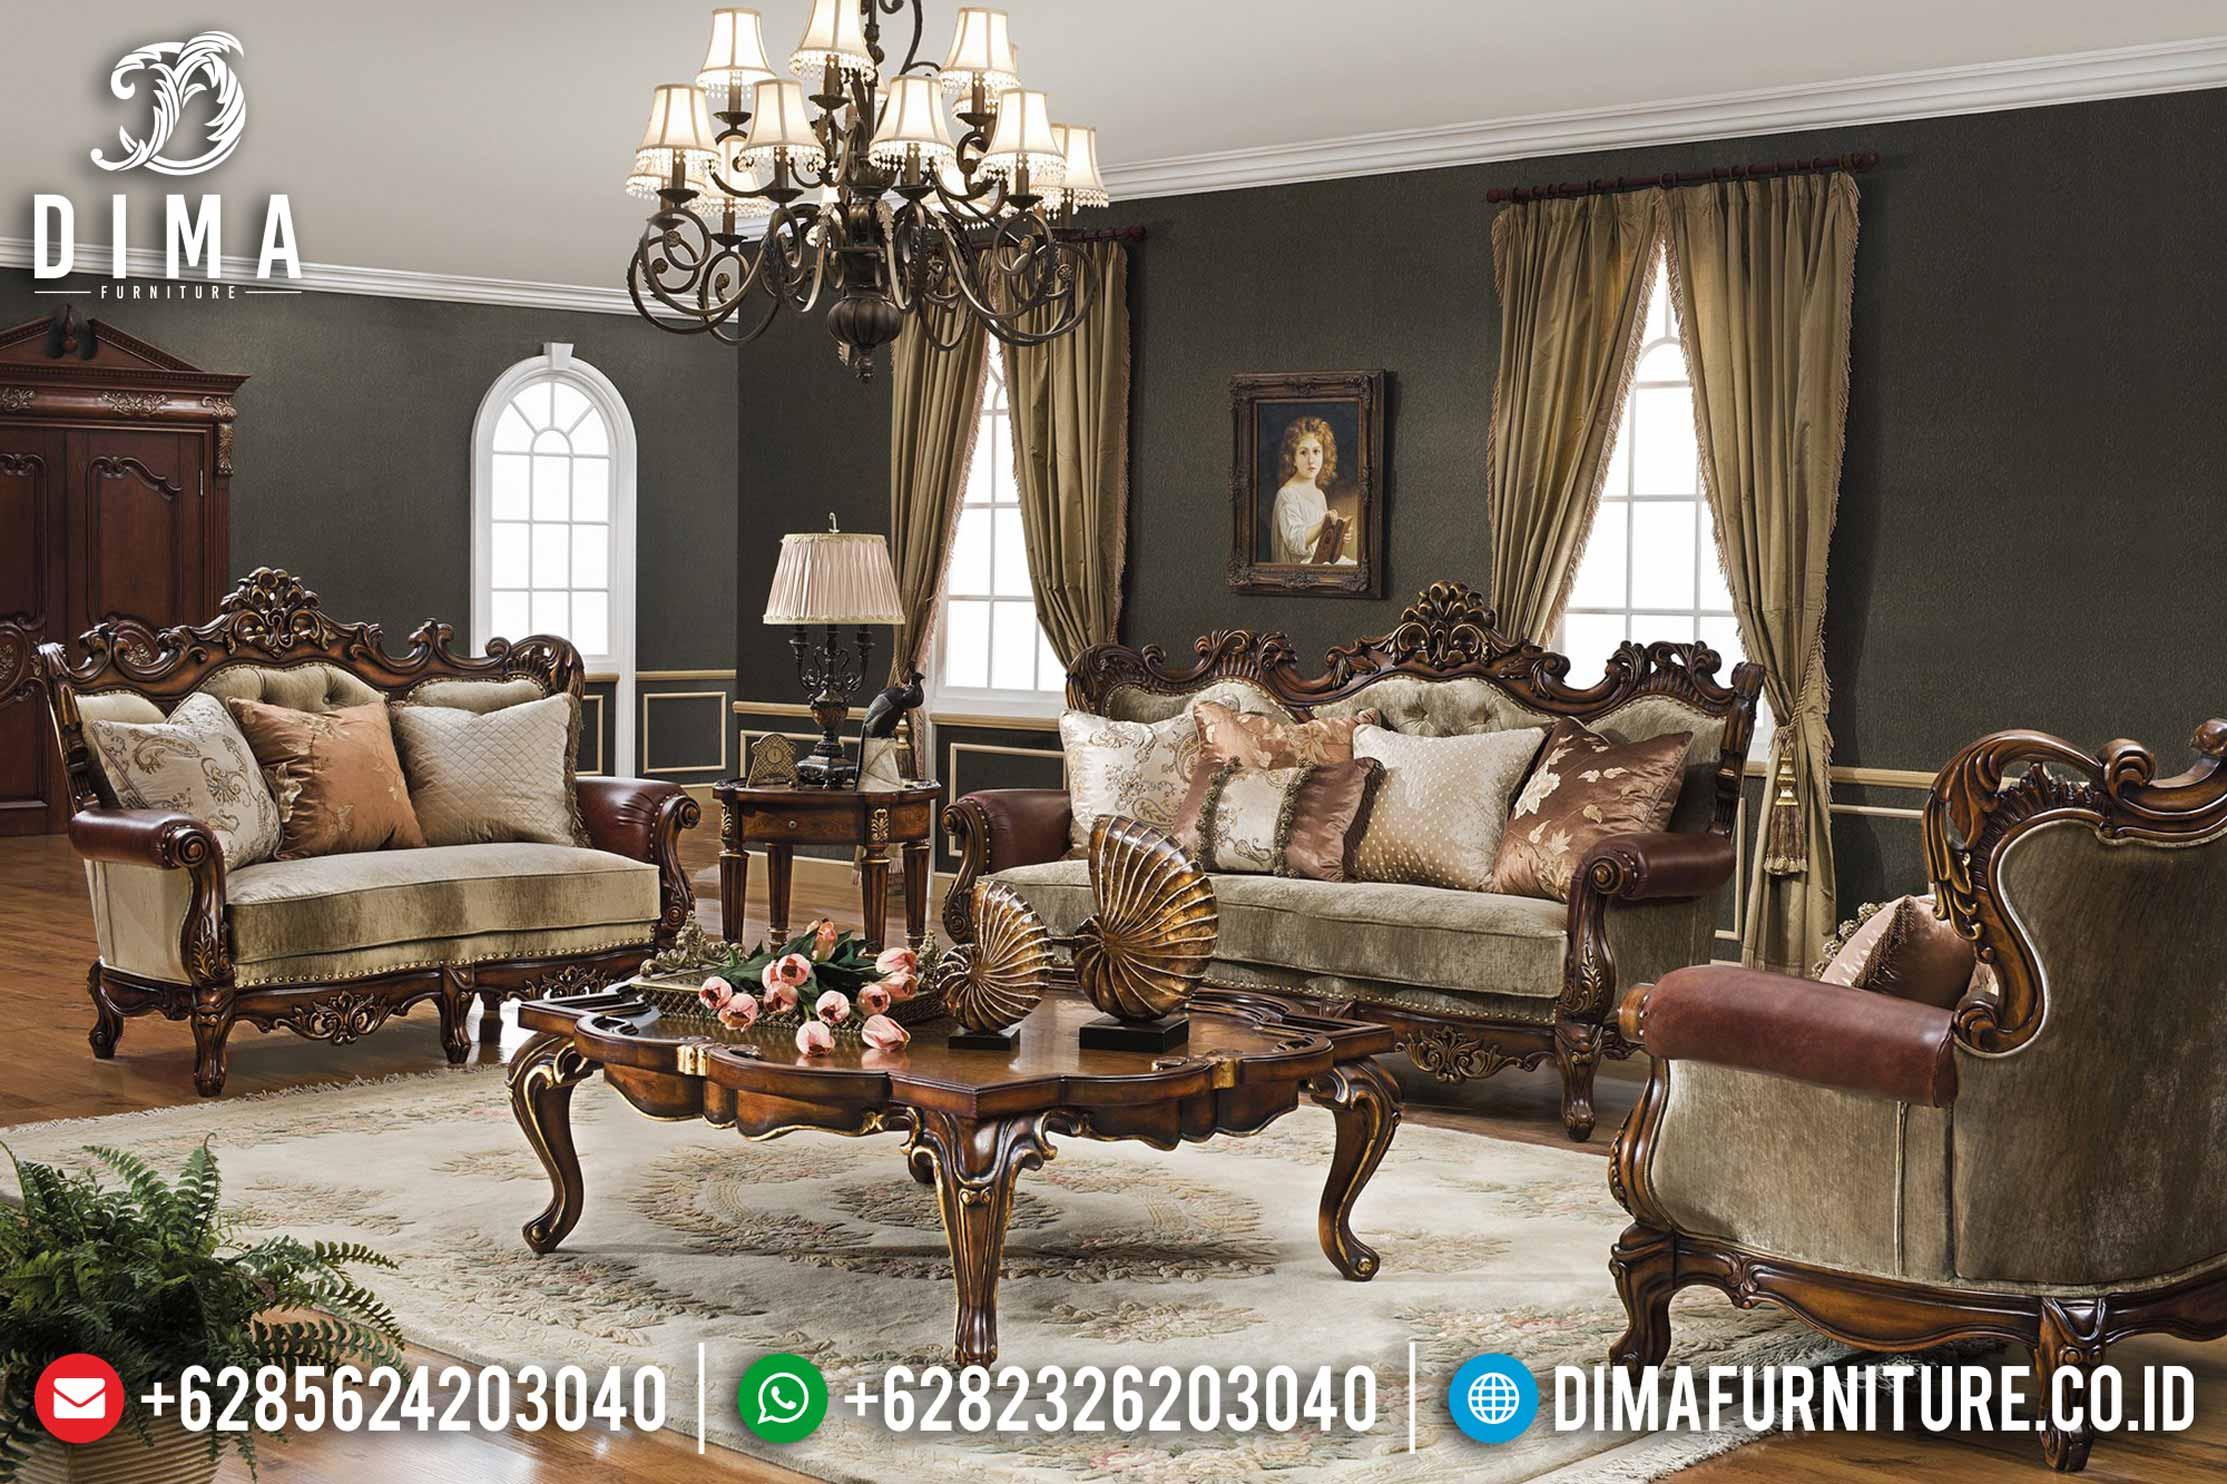 Model Sofa Tamu Jepara 2019-2020 003 Dima Furniture Jepara